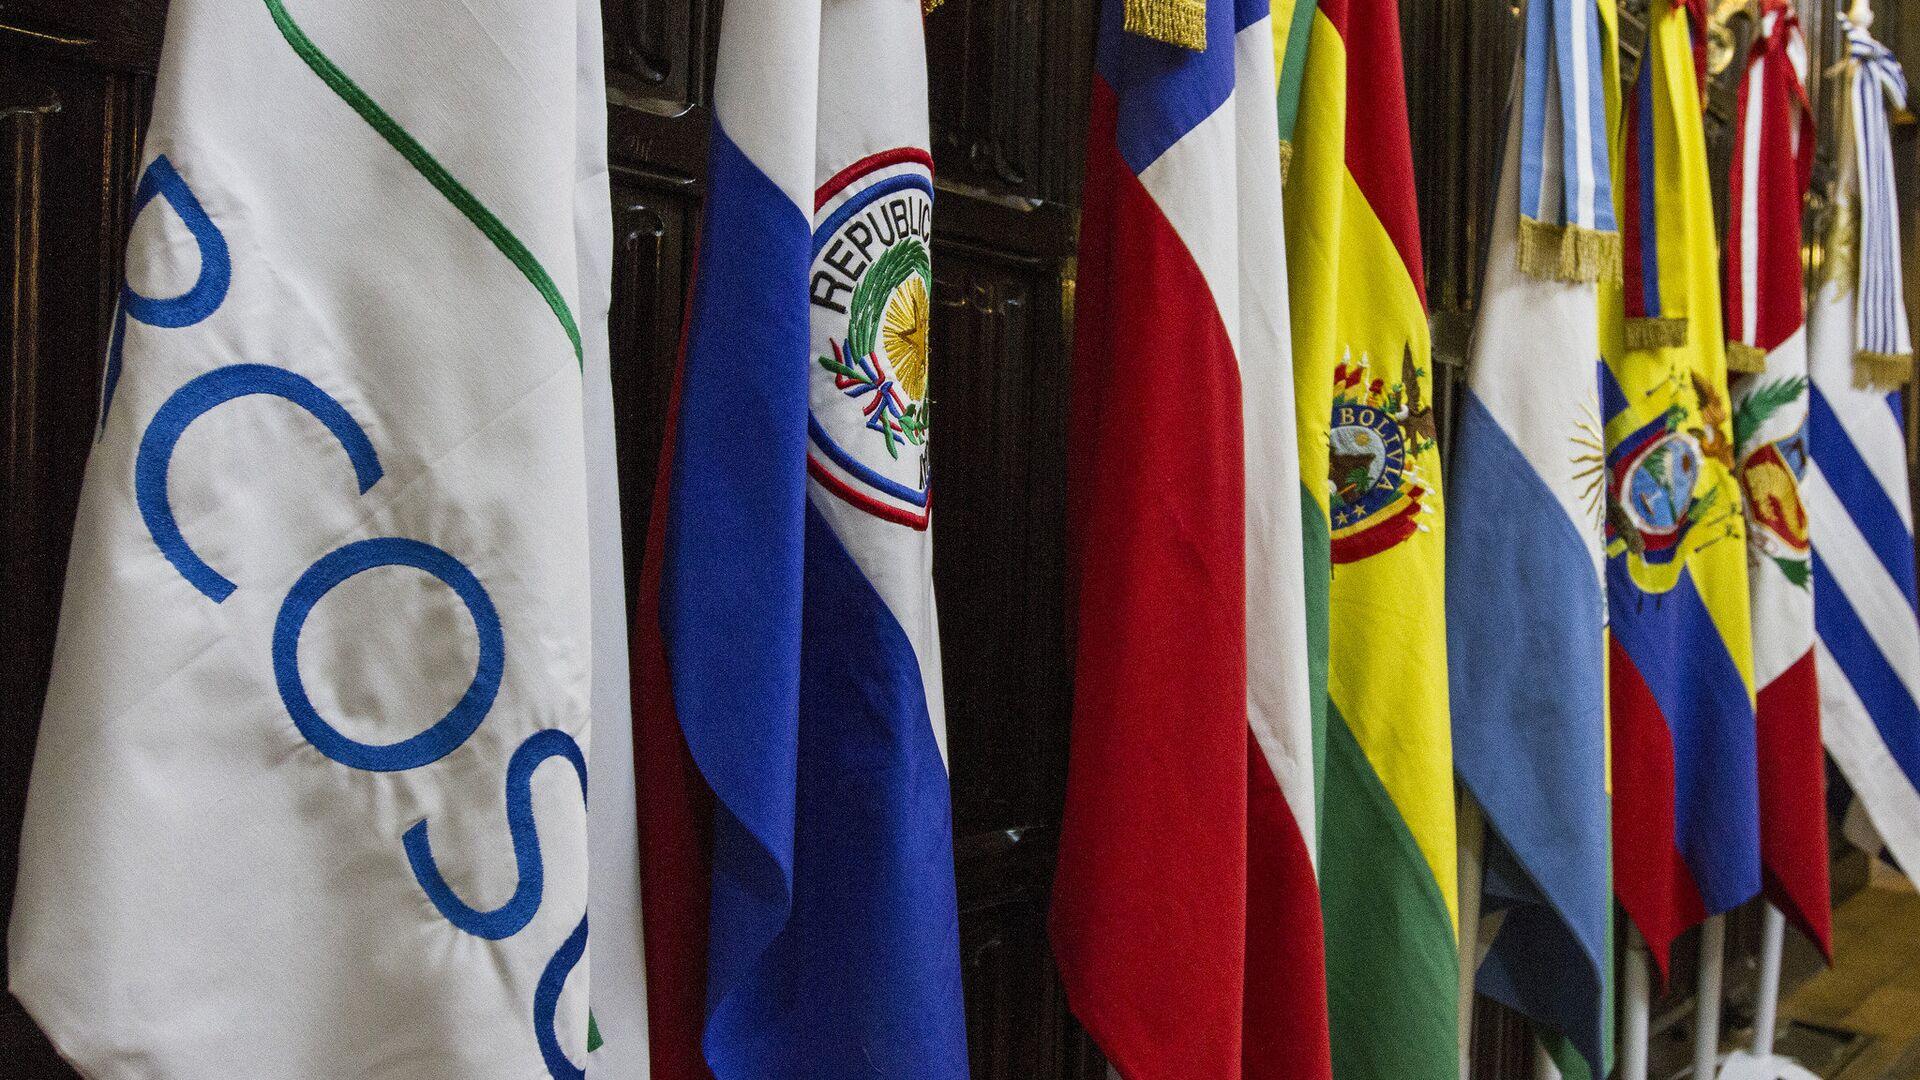 Banderas de los países miembros del Mercosur - Sputnik Mundo, 1920, 17.02.2021